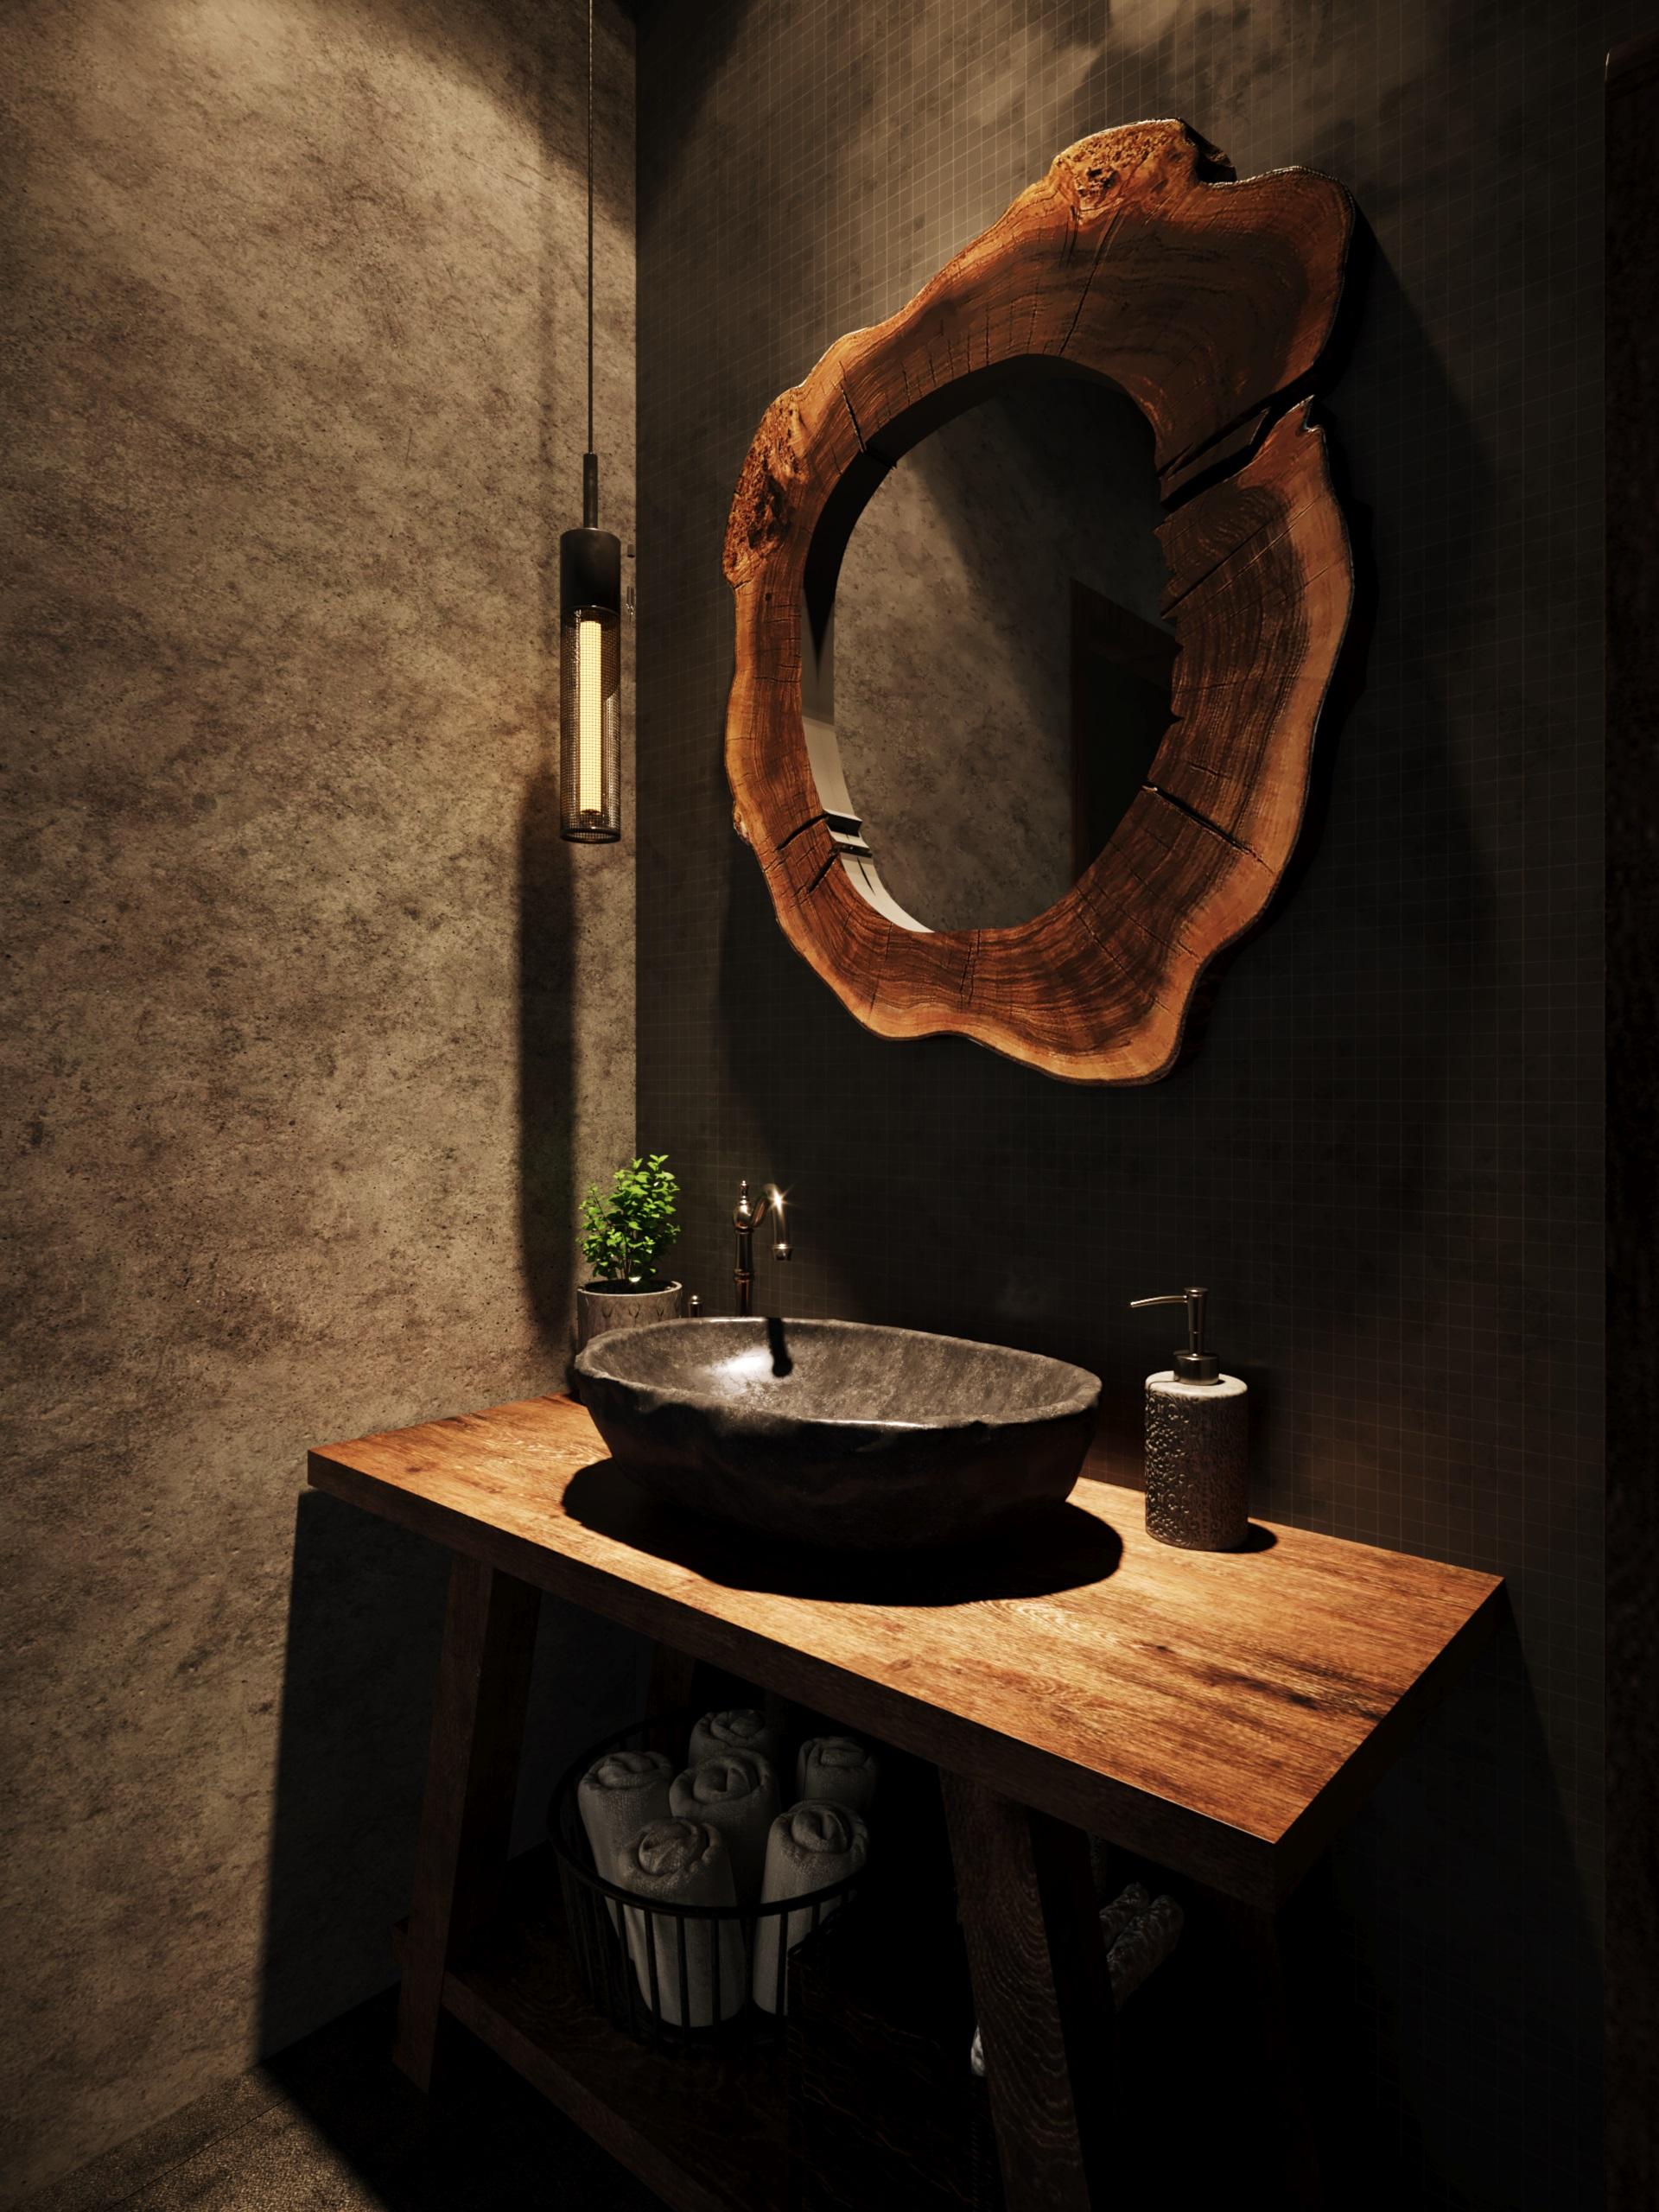 thiết kế nội thất Cafe tại Hà Nội caffee koi 30 1569649997